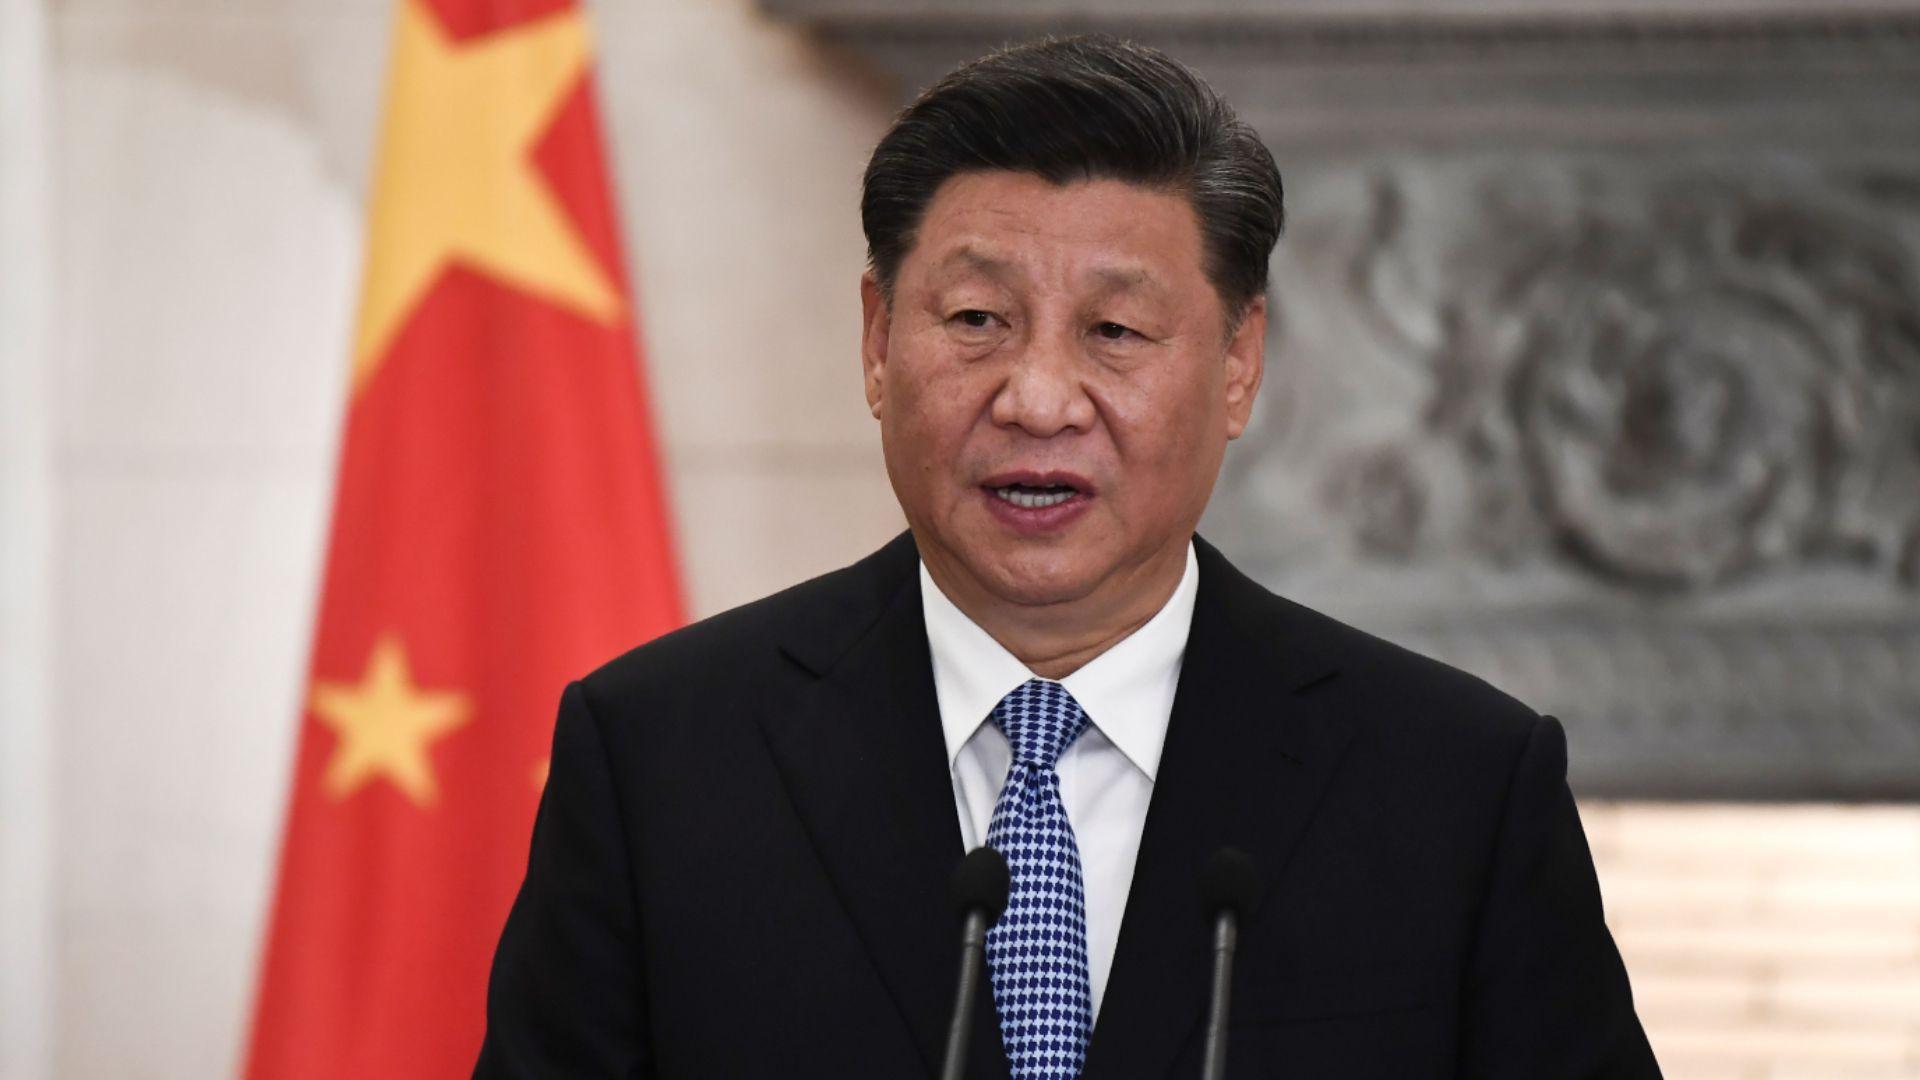 Xi Jinping, presidente de China (Foto: Aris Messinis/Reuters)